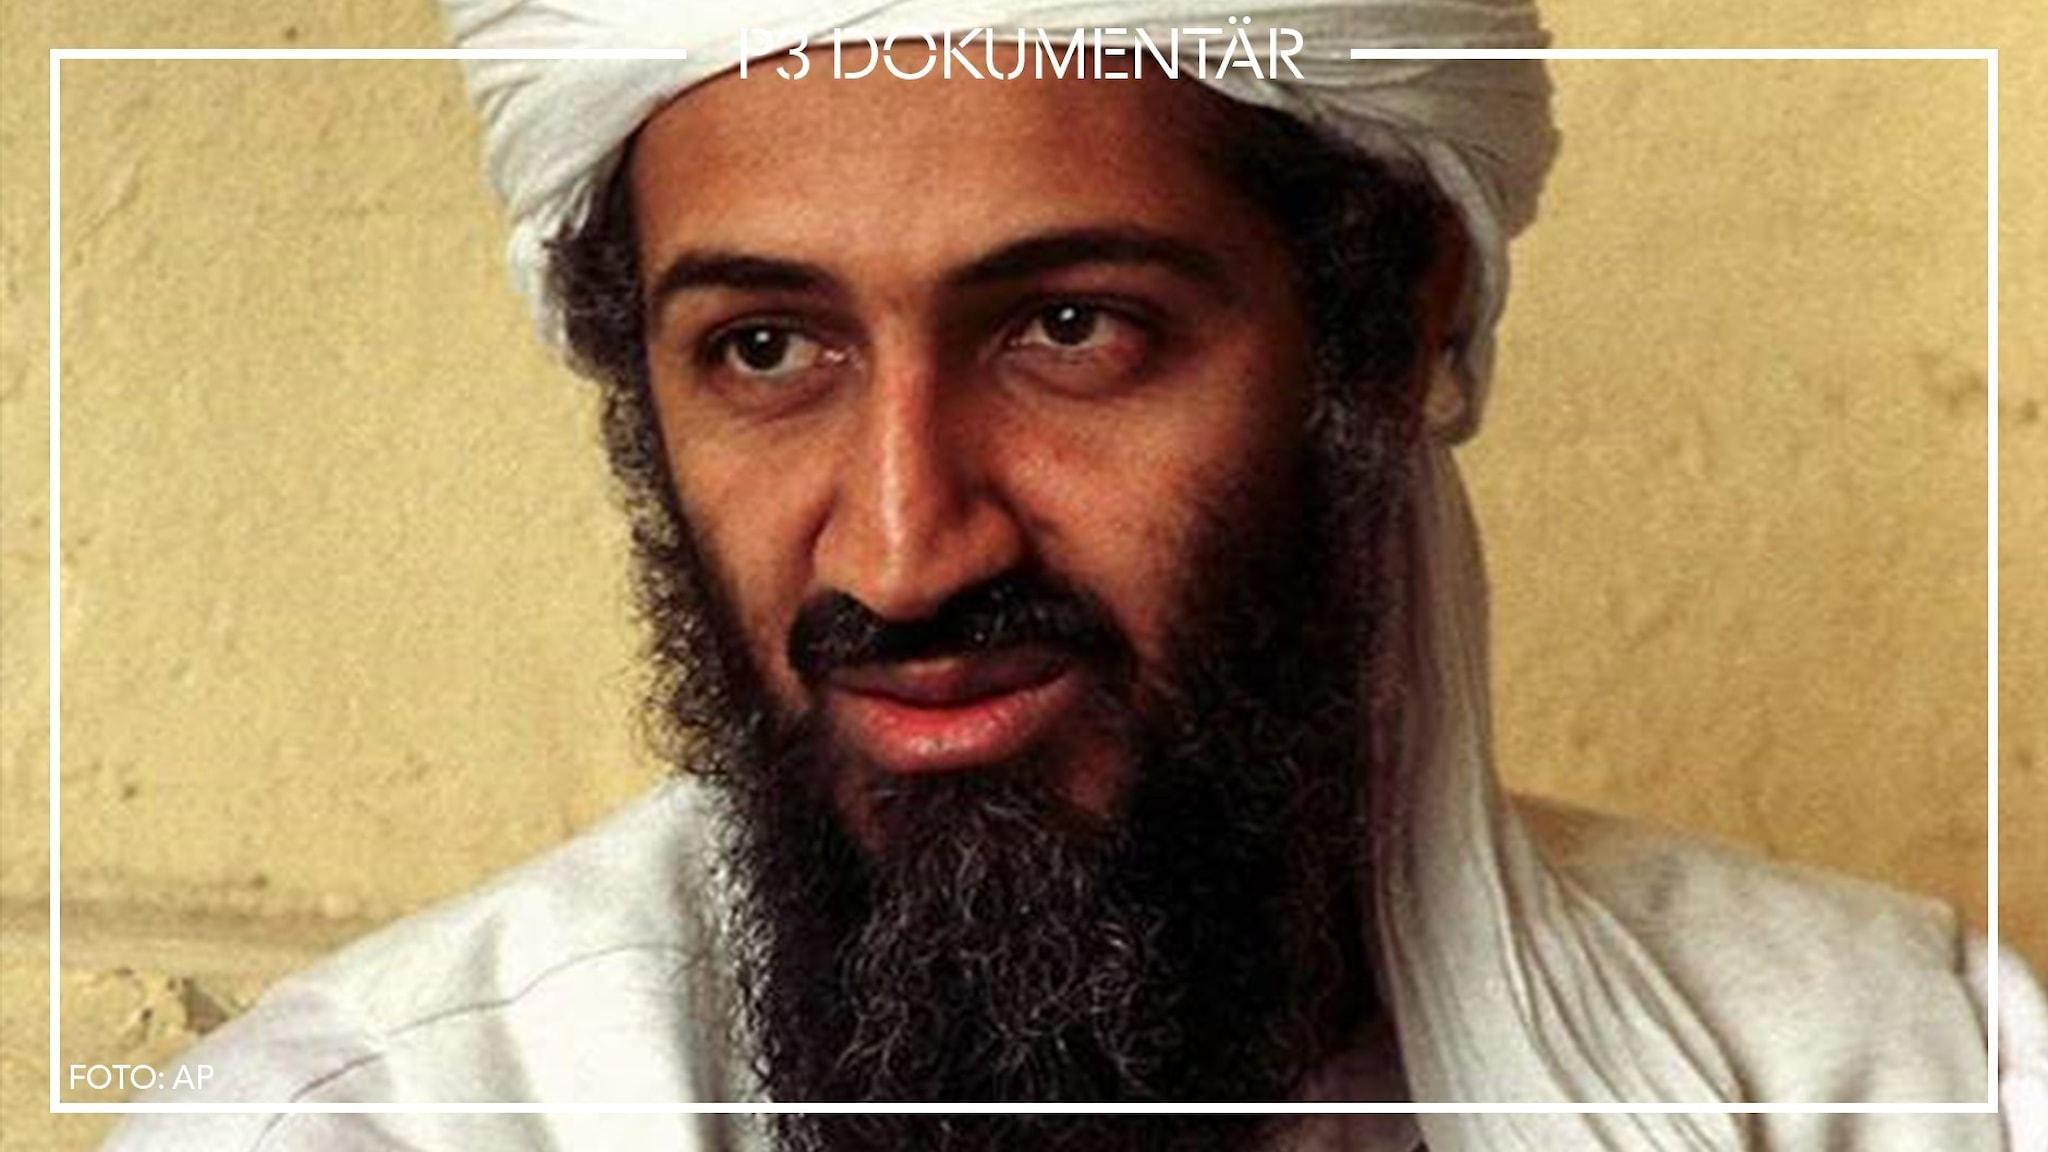 Porträttbild av Usama bin Ladin.